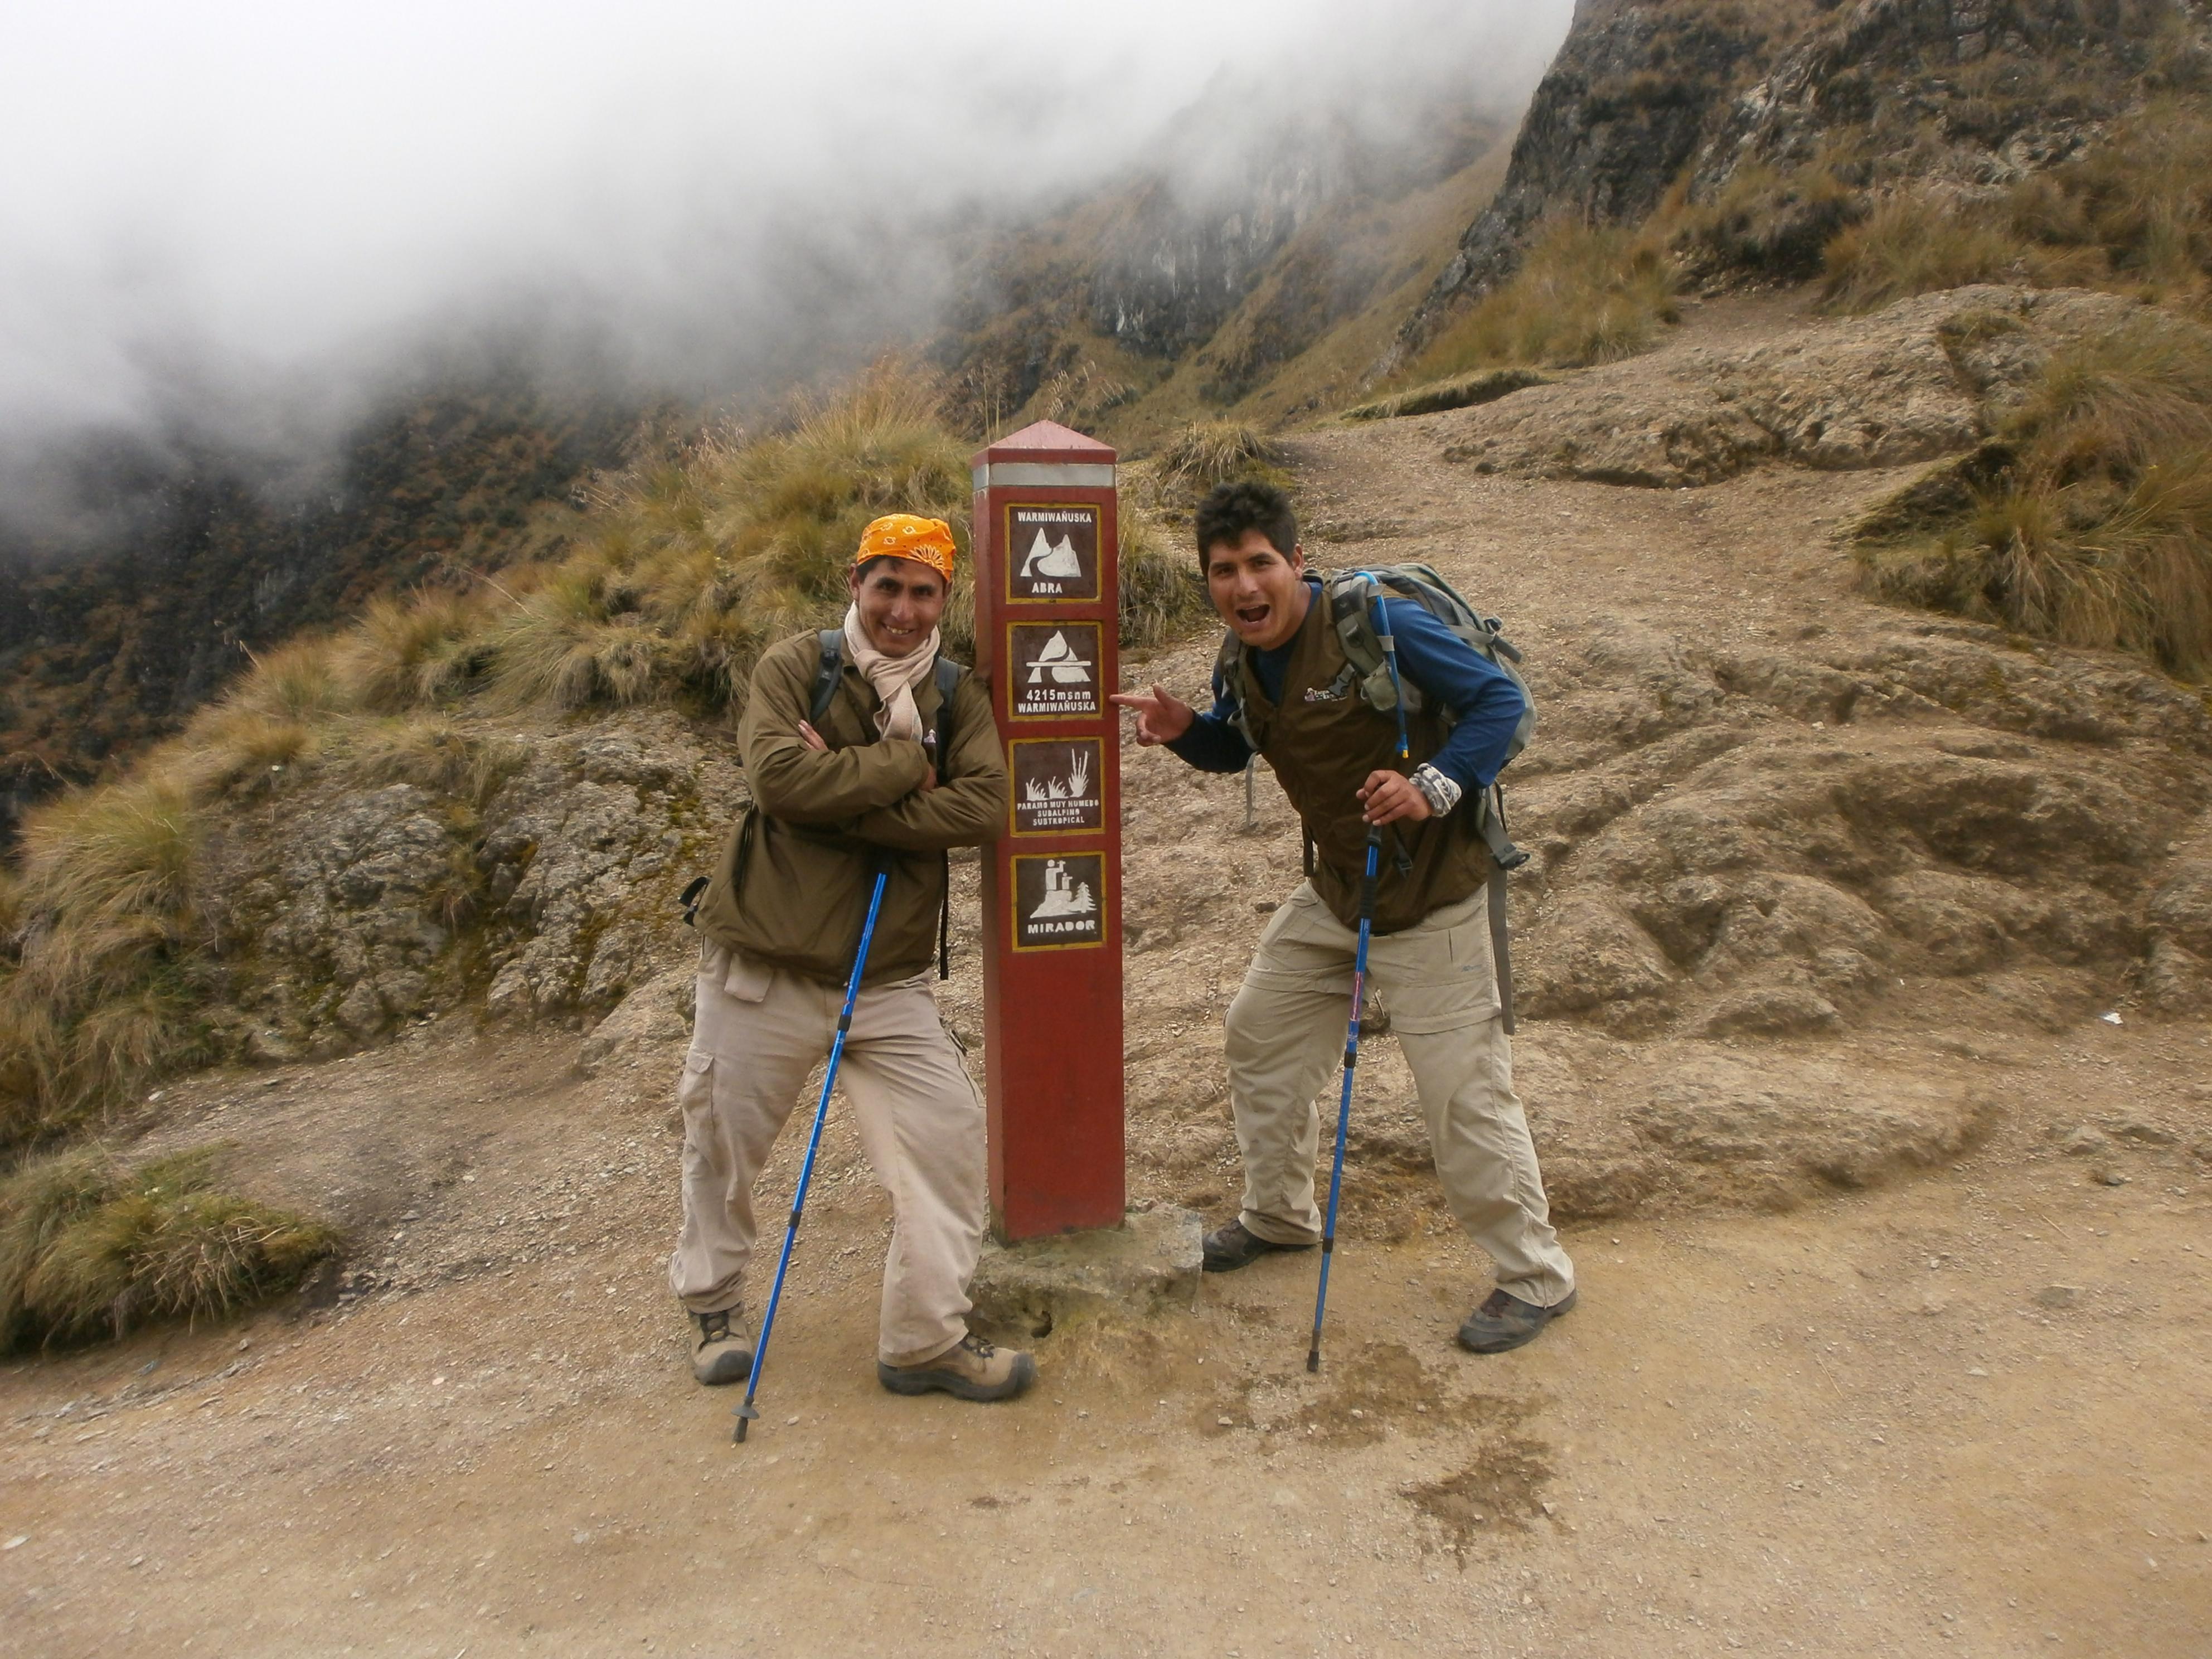 Jorge en zijn broer als gids aan het werk tijdens de klassieke Inca Trail